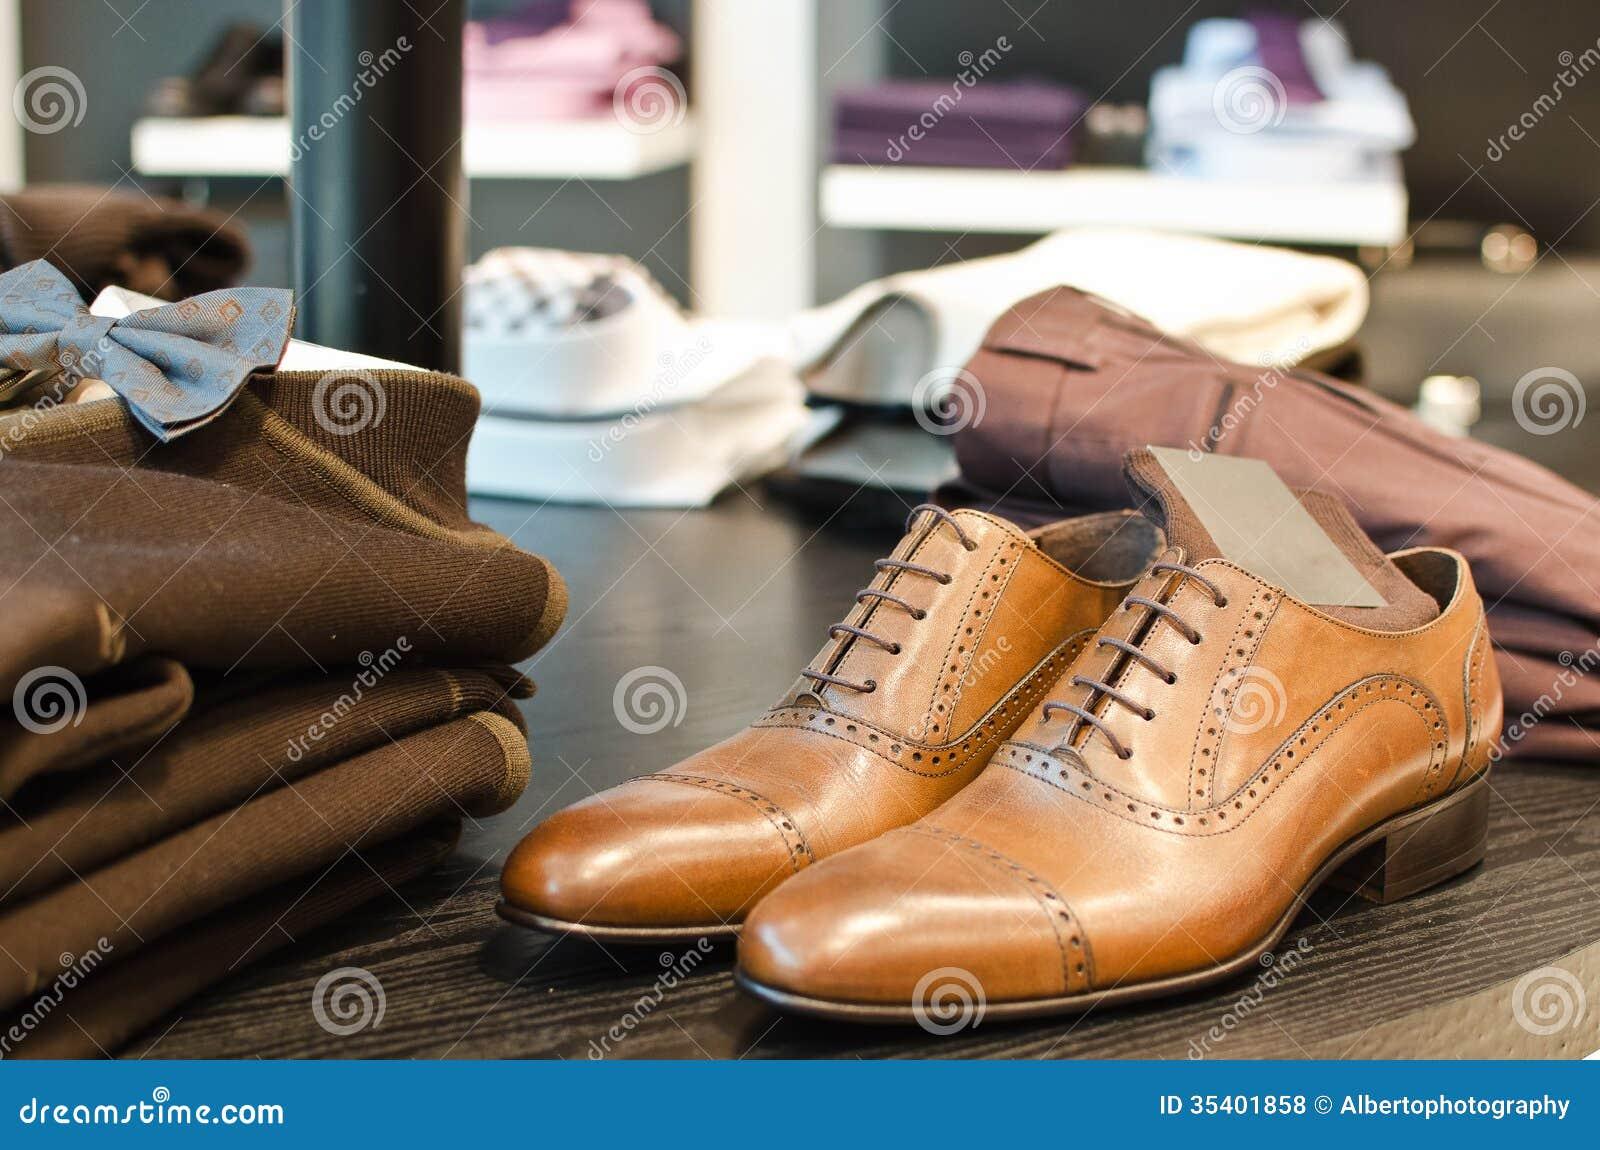 Menu0026#39;s fashion store stock photo. Image of dress male - 35401858